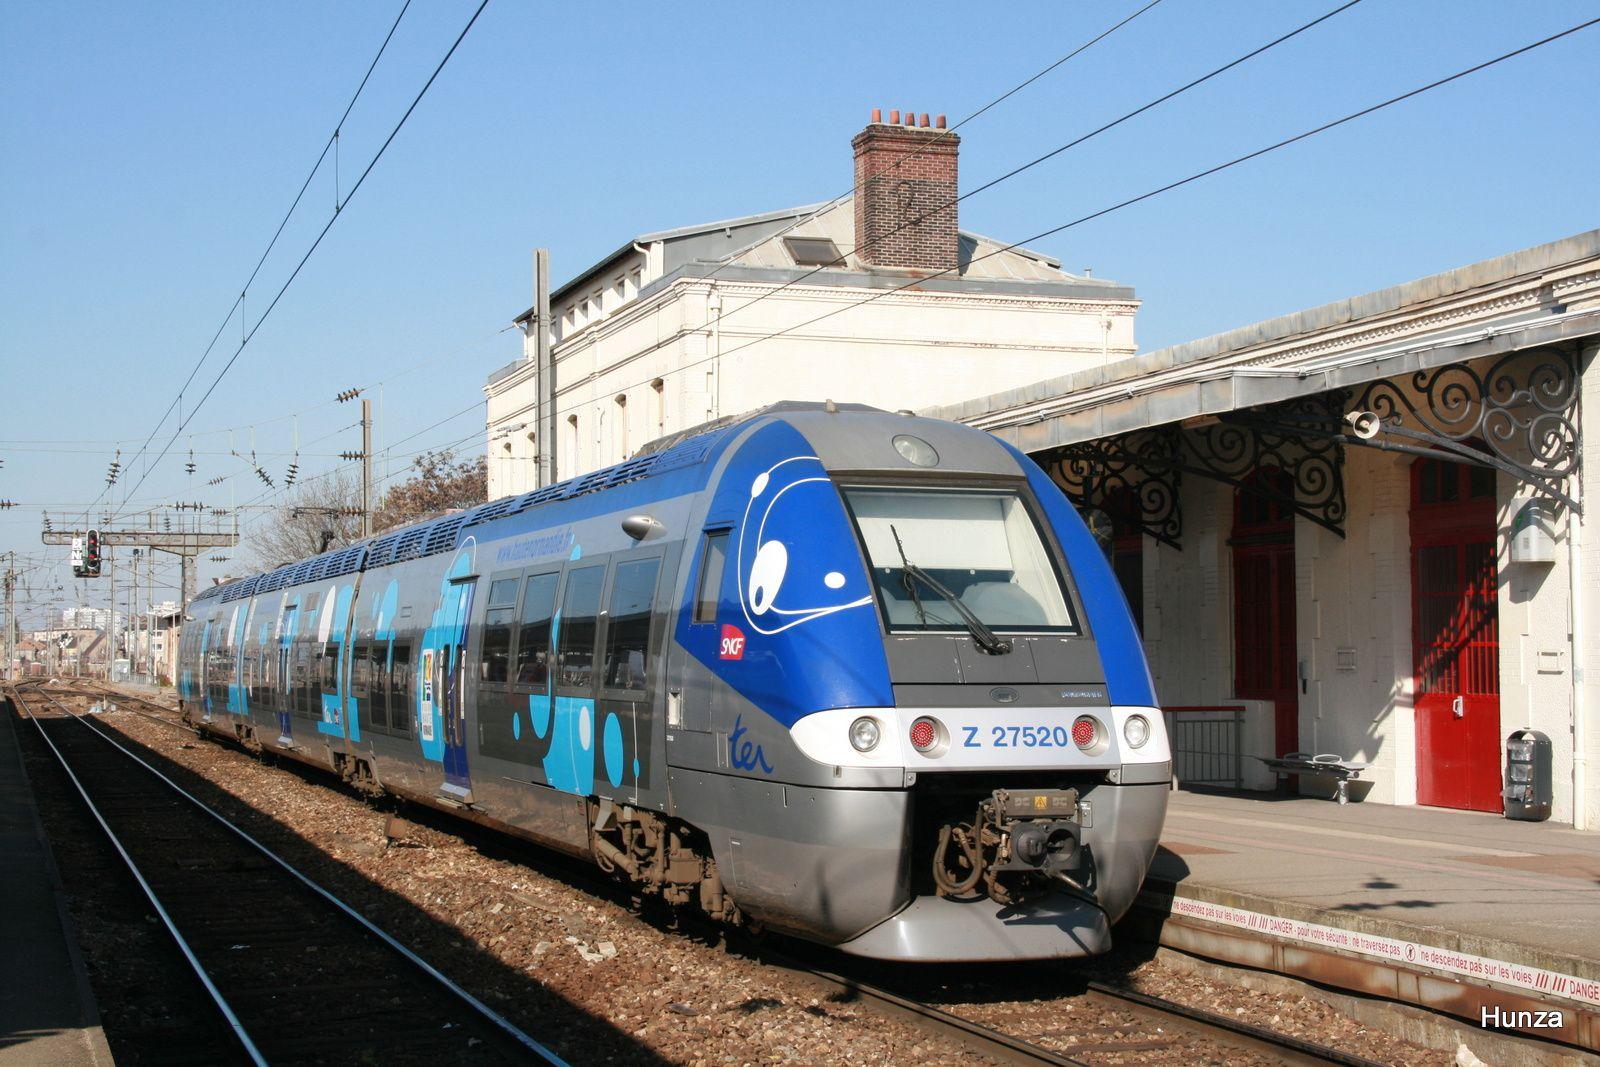 Z 27520 à Mantes la Jolie (7 mars 2011)